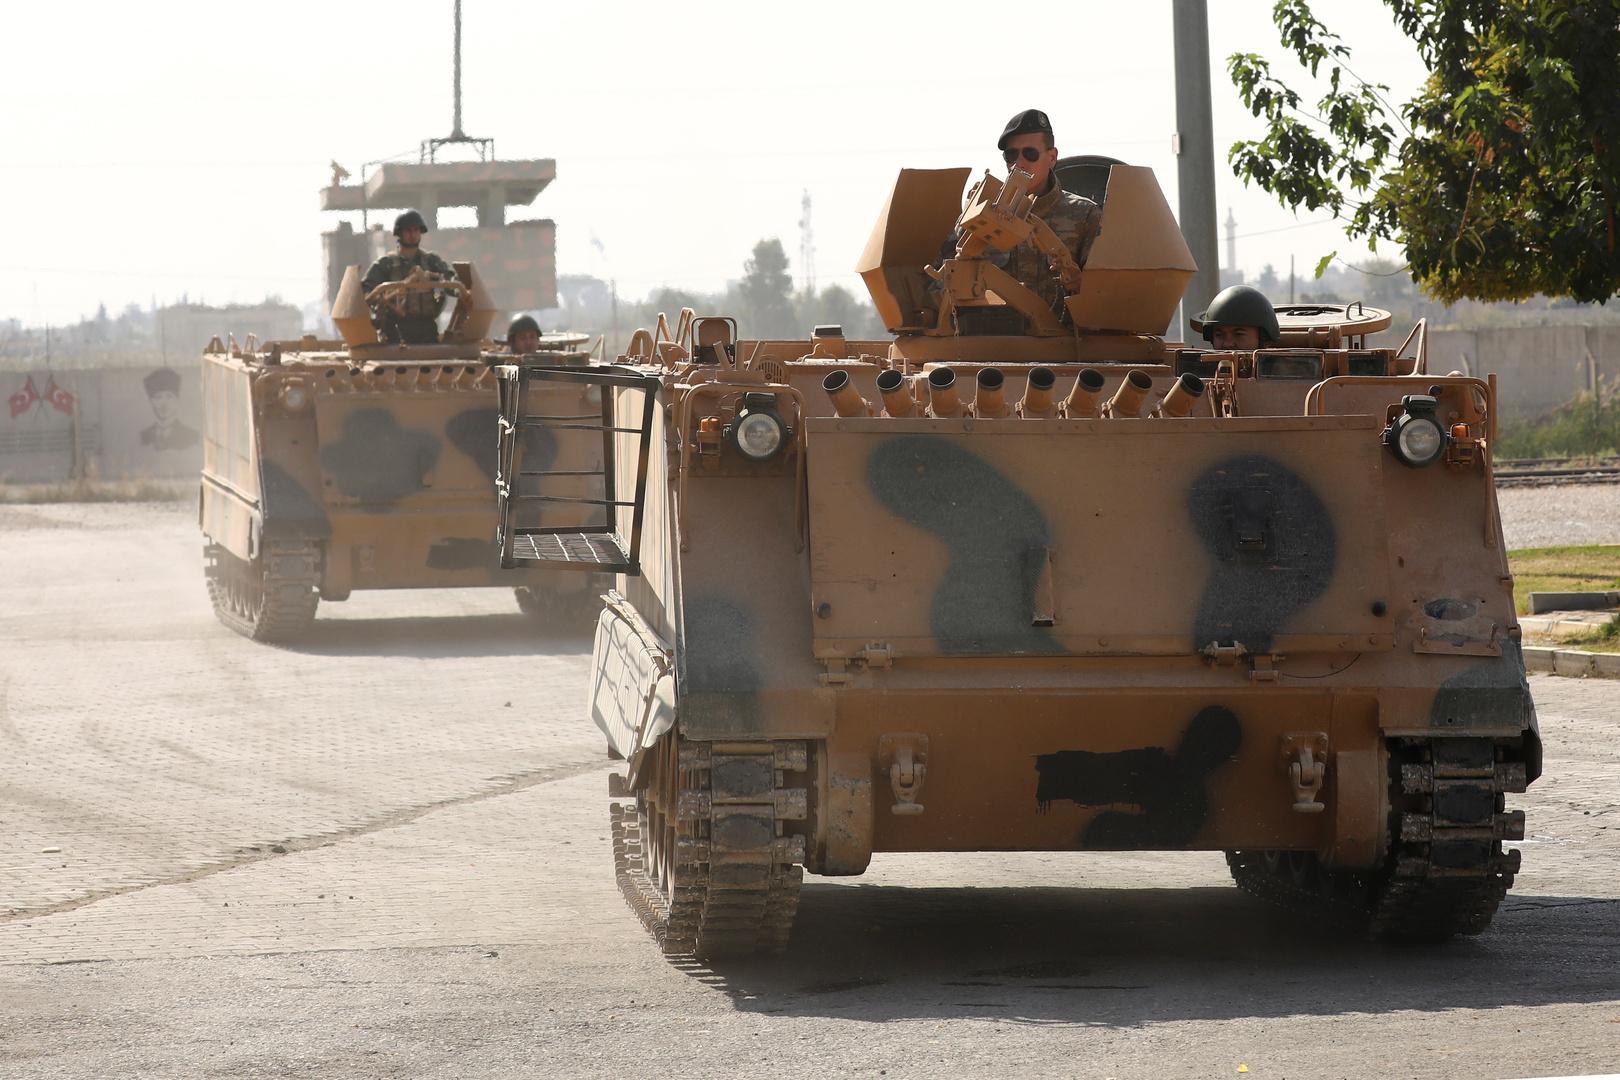 الجيش التركي يدفع بتعزيزات عسكرية إلى الحدود السورية